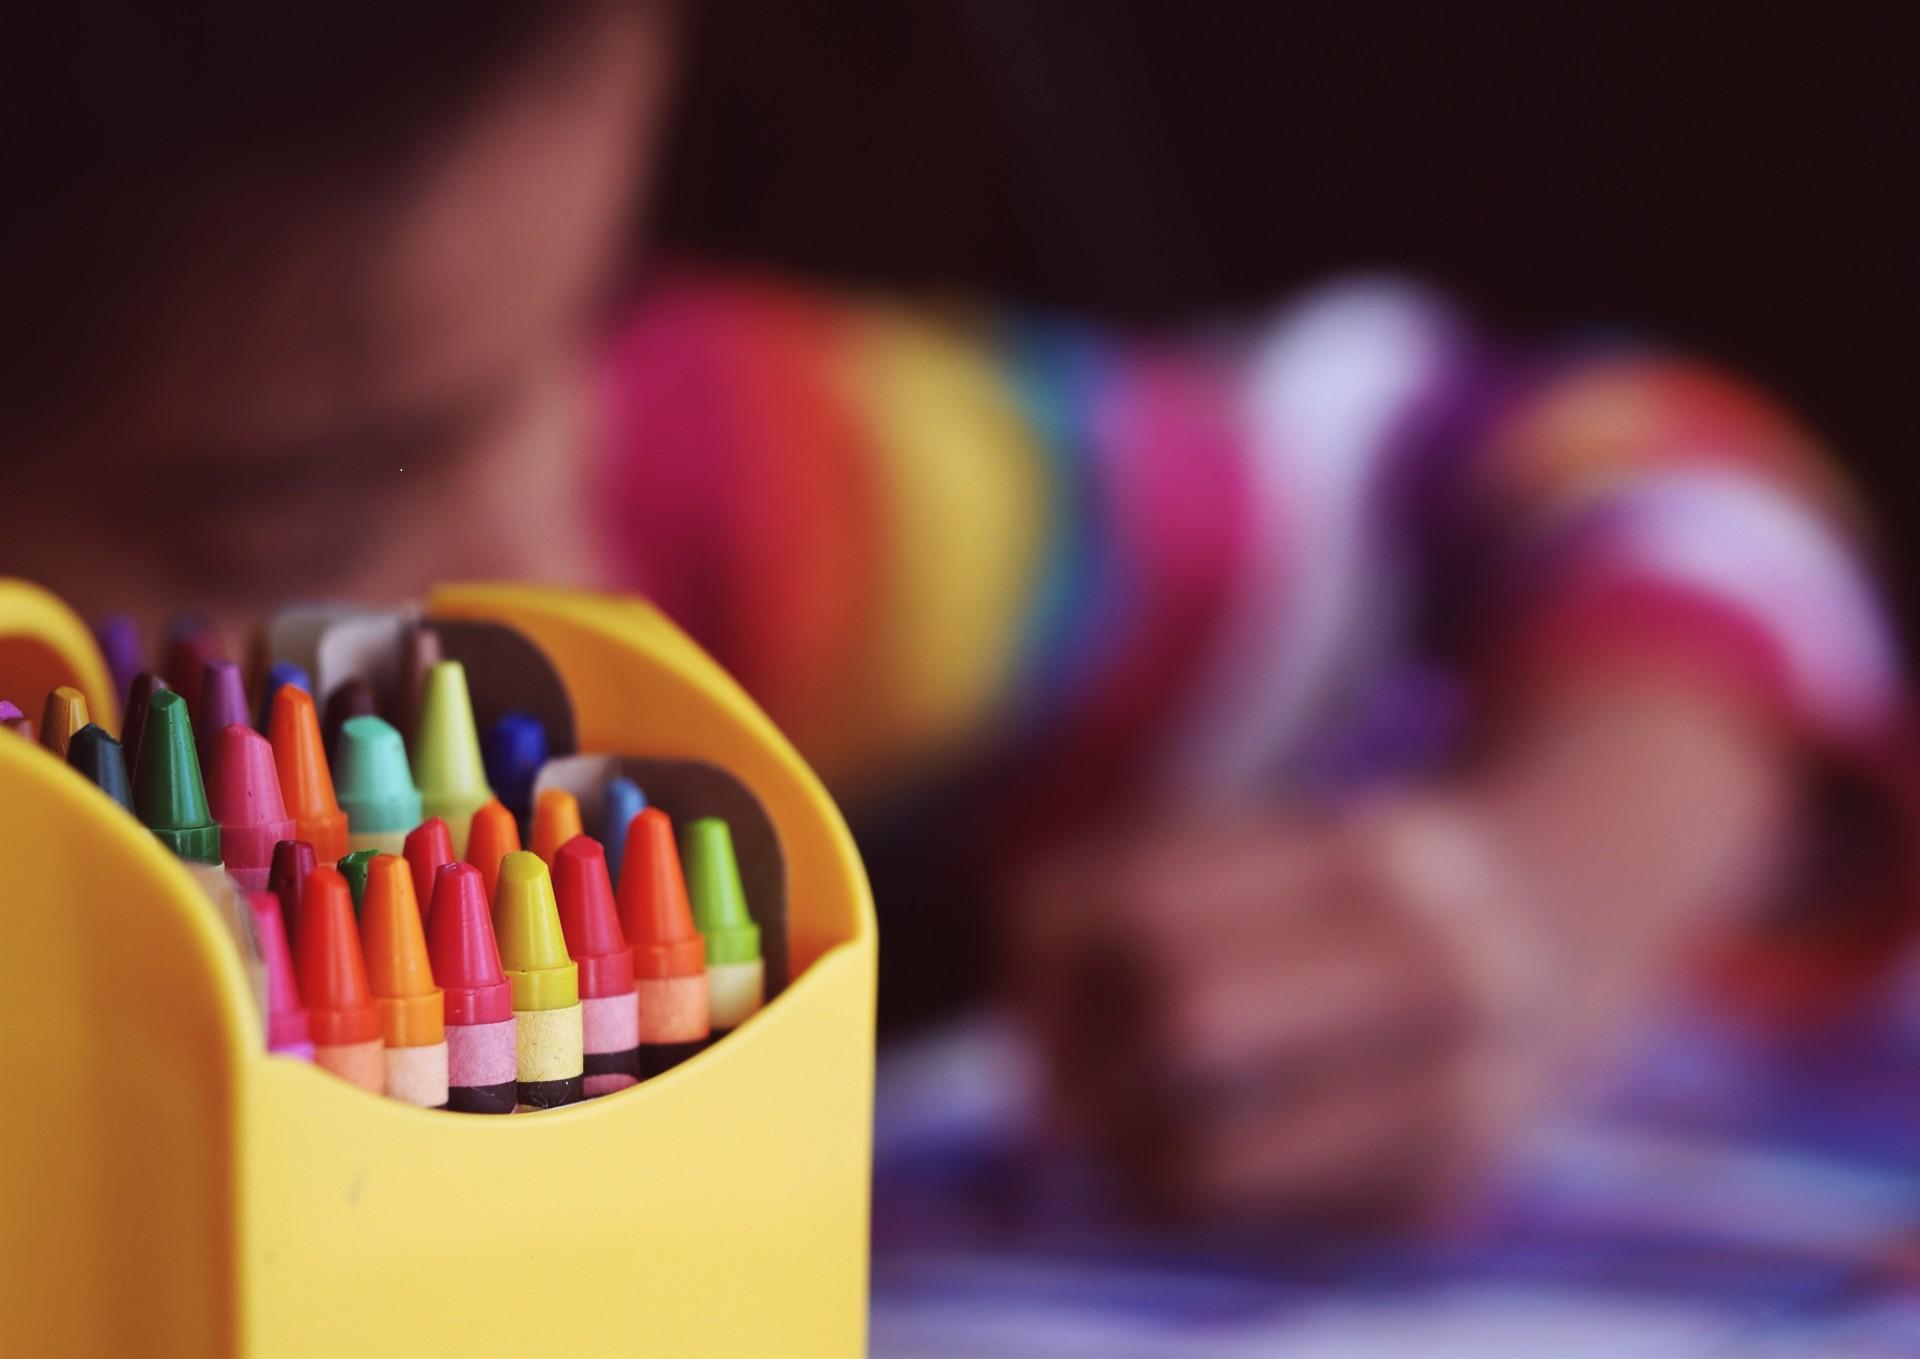 Se necesita llevar a cabo formación en centros escolares sobre alergias y salud - Entrevista Alergicus